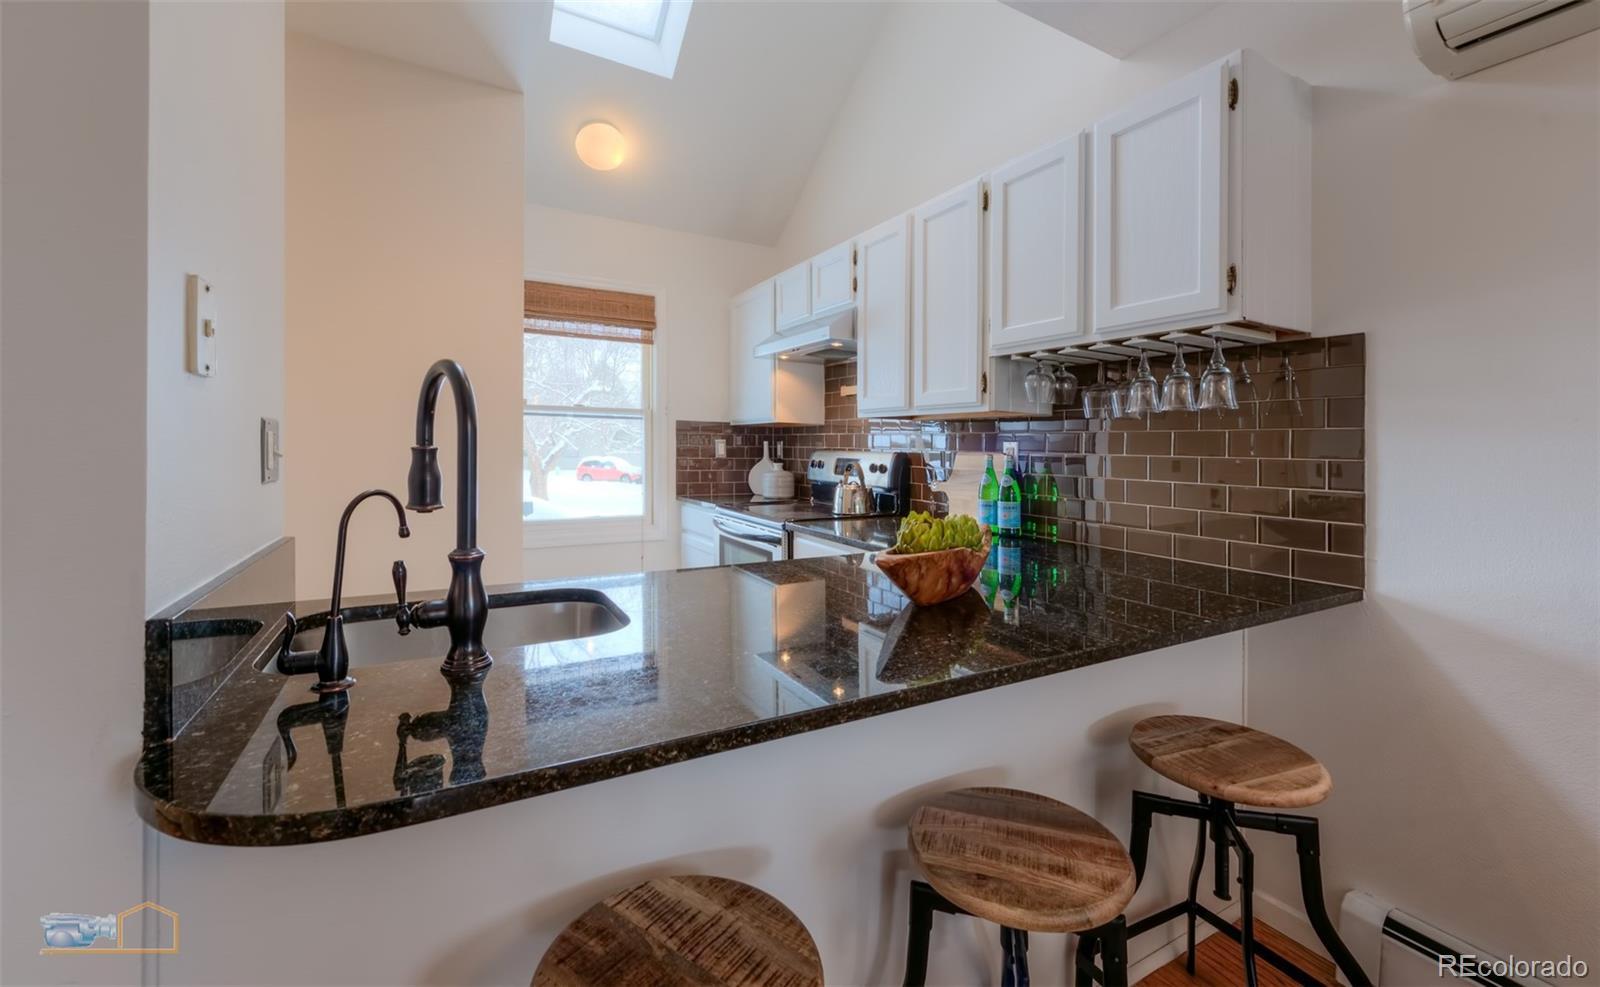 MLS# 5289239 - 11 - 4716 Edison Lane, Boulder, CO 80301